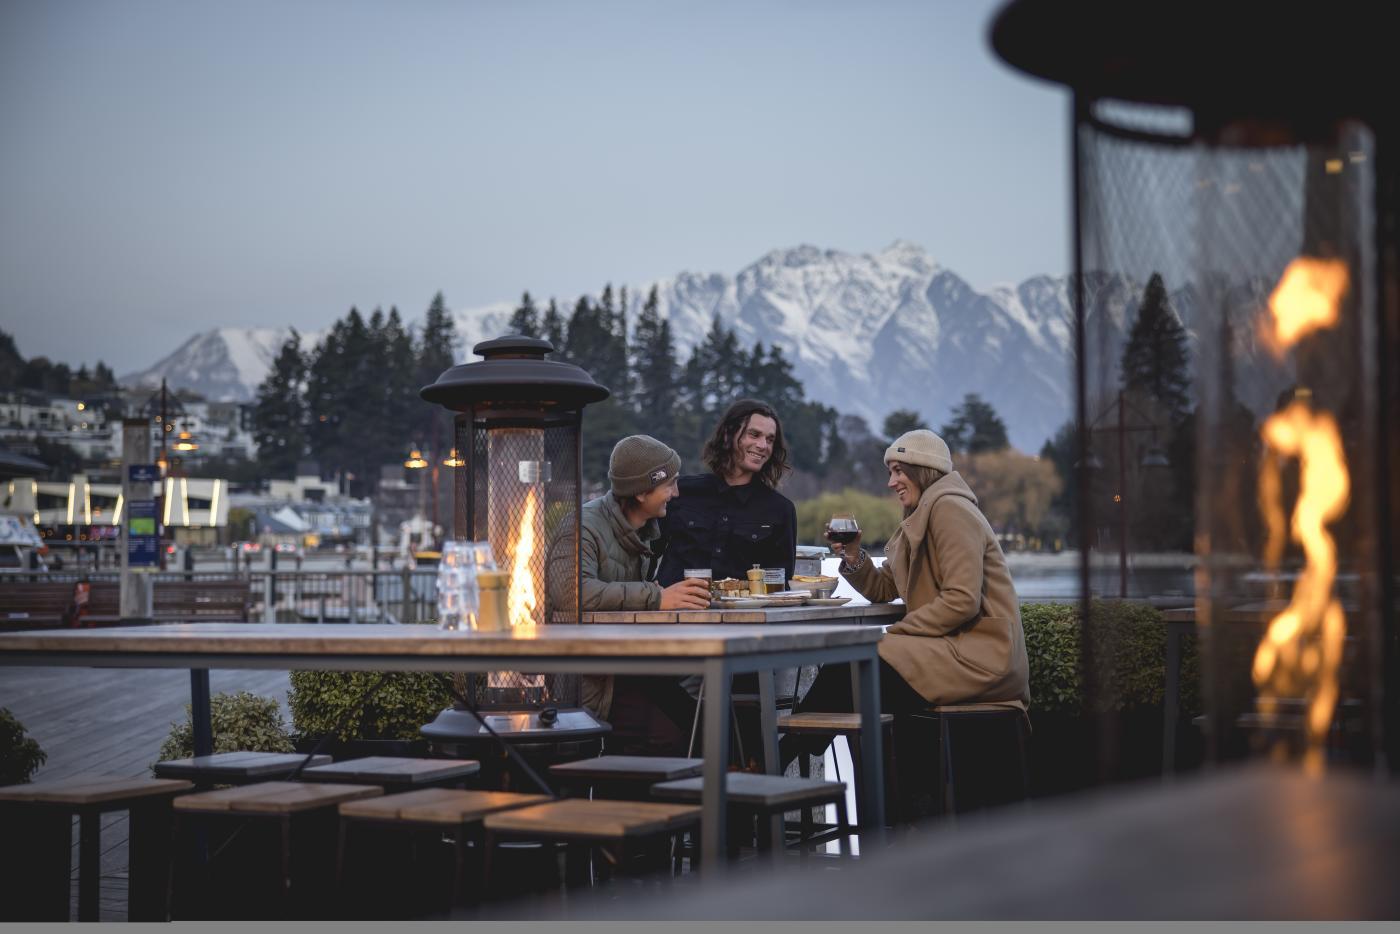 Friends dining outside in Winter